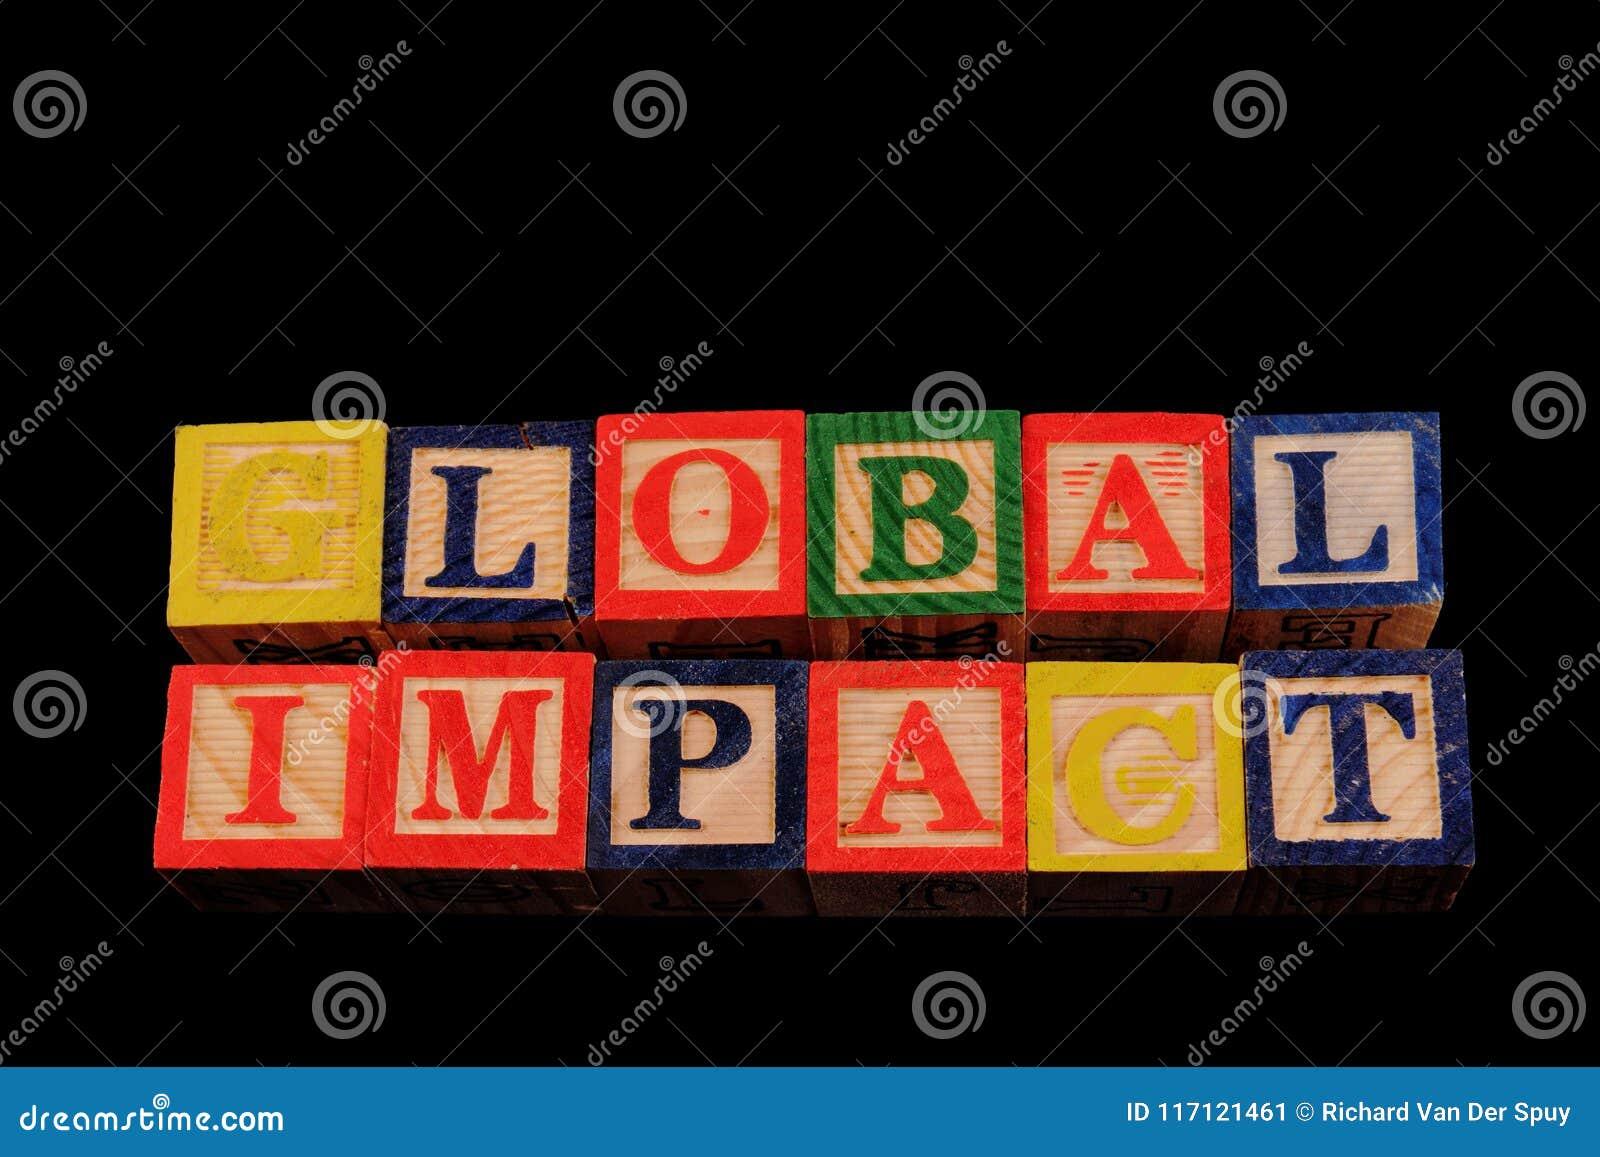 Global inverkan för uttryck som visas visuellt